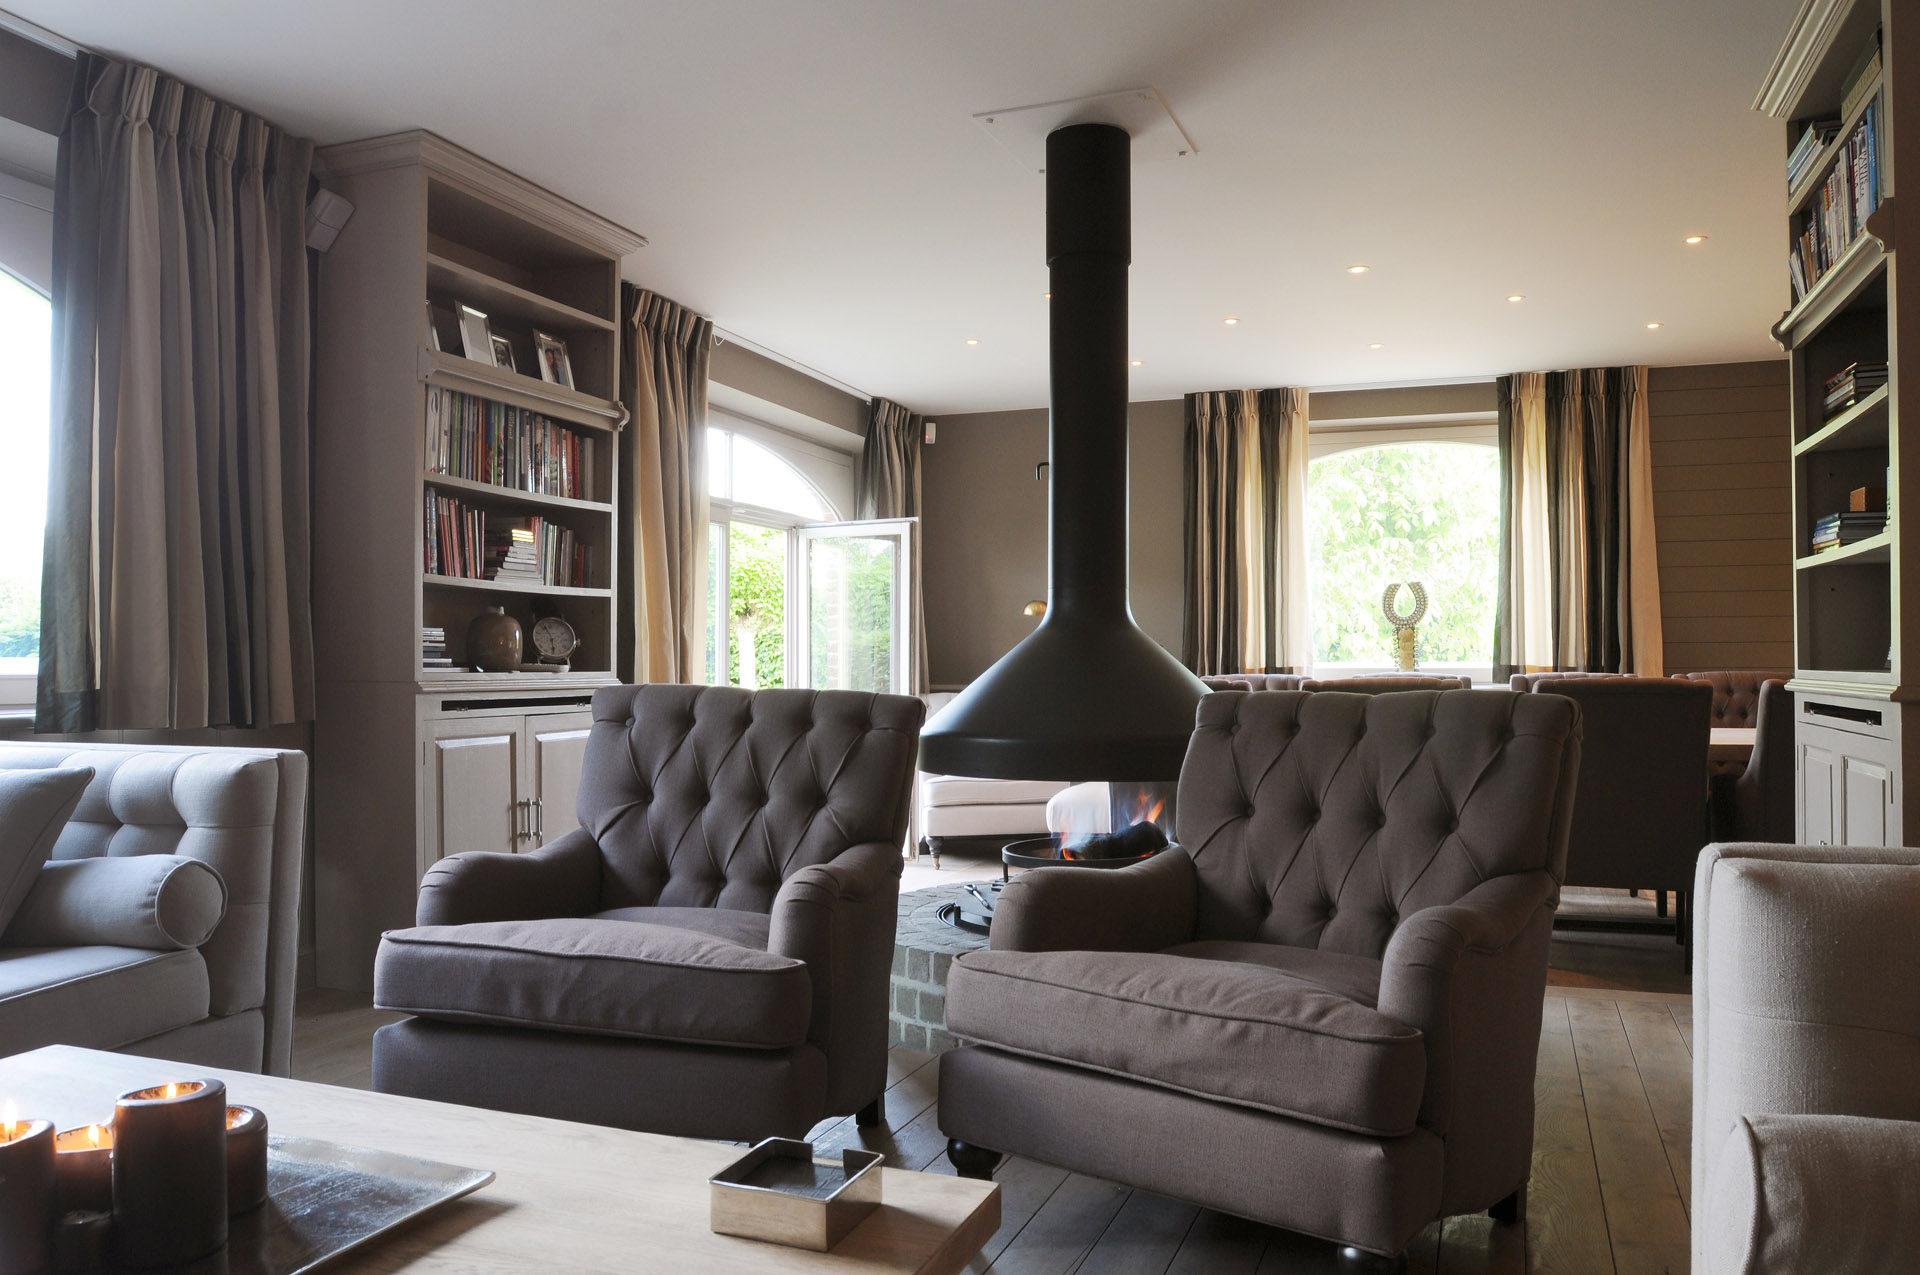 Woonkamer Cottage Stijl : Landelijke woonkamers marcotte style